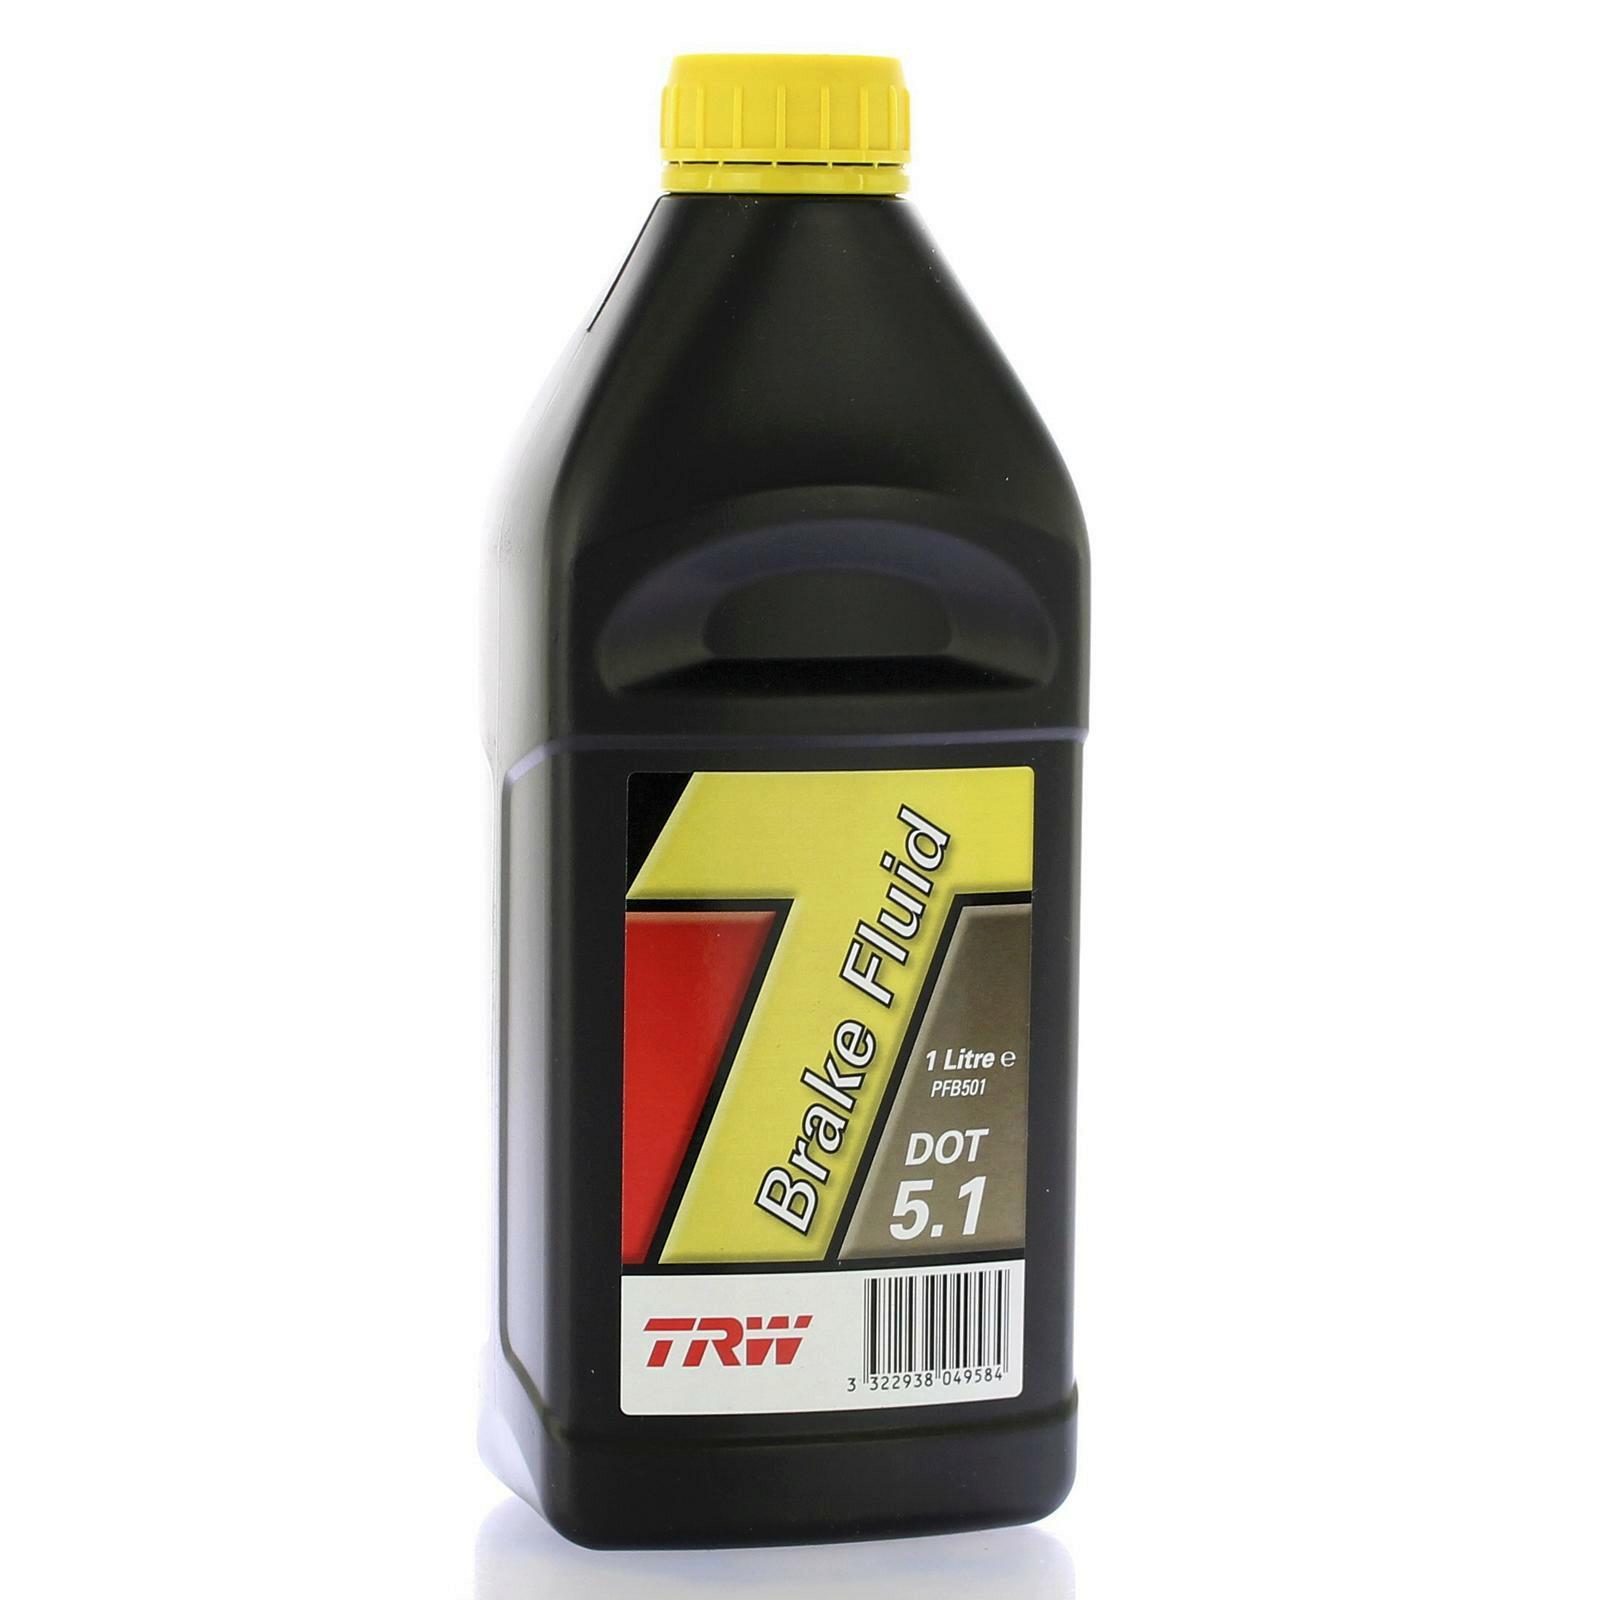 TRW Bremsflüssigkeit 1L DOT 5.1